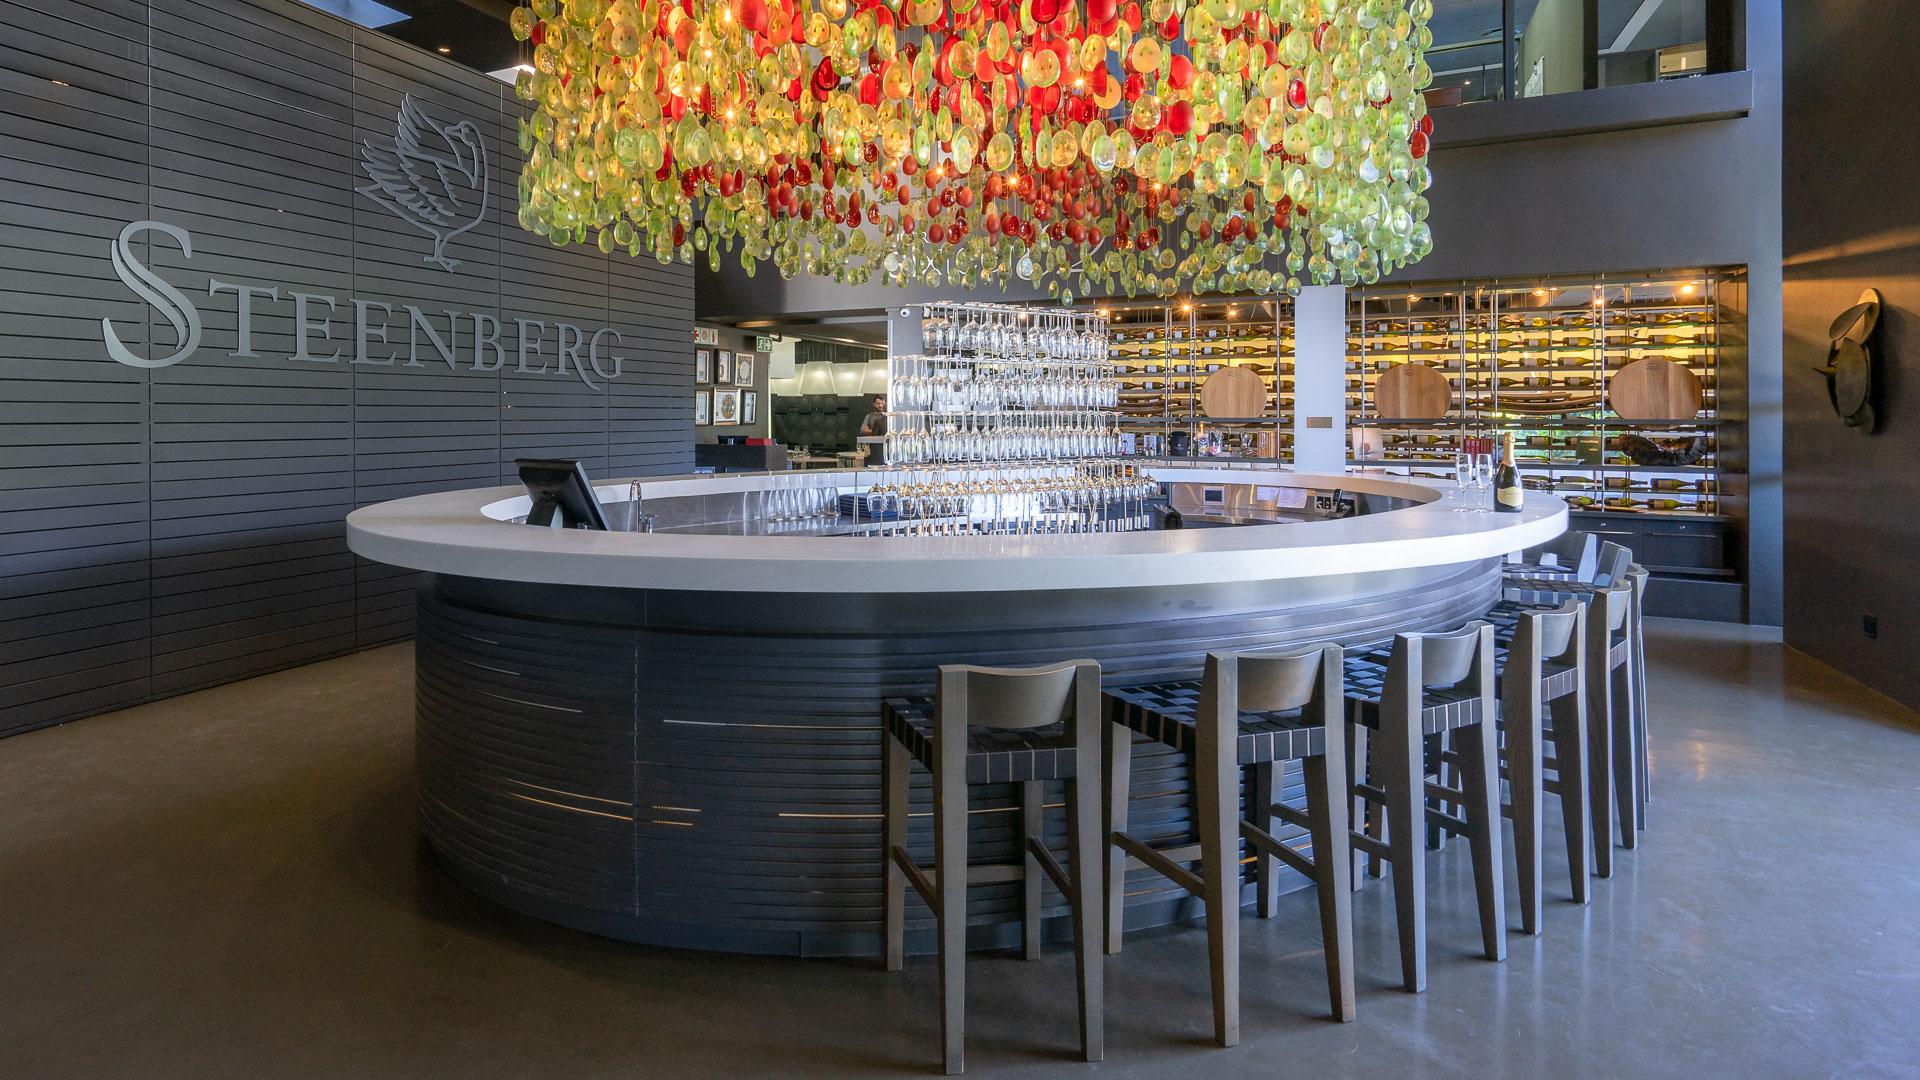 Steenberg Tasting Room